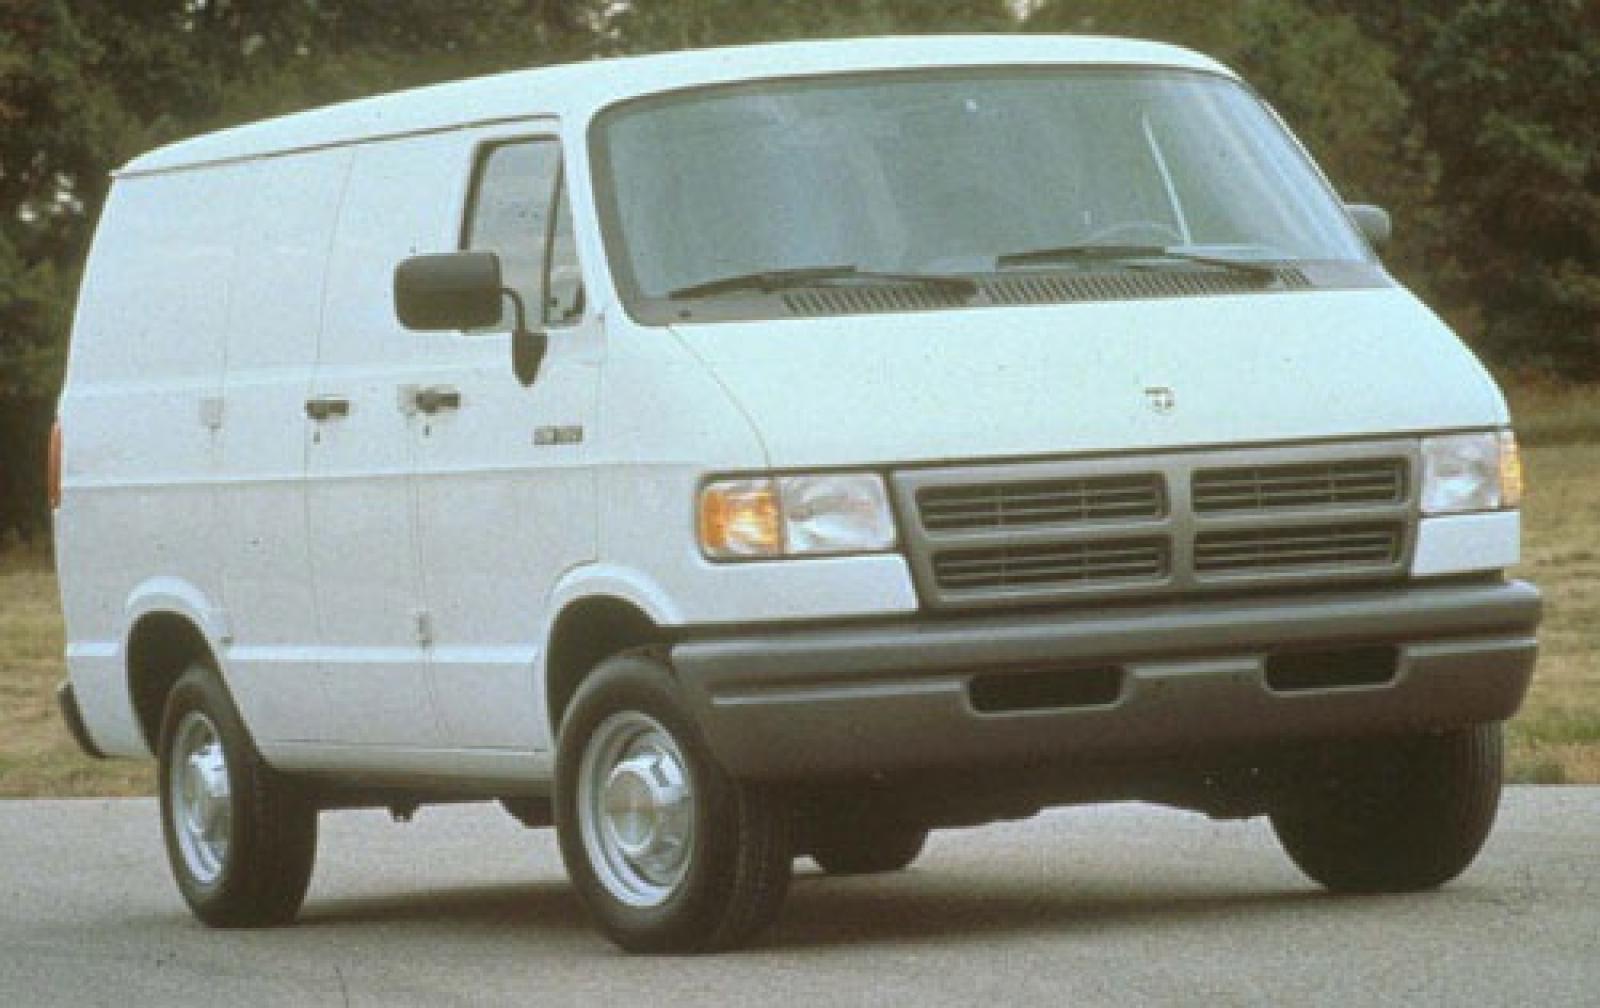 1997 dodge ram van 1 800 1024 1280 1600 origin